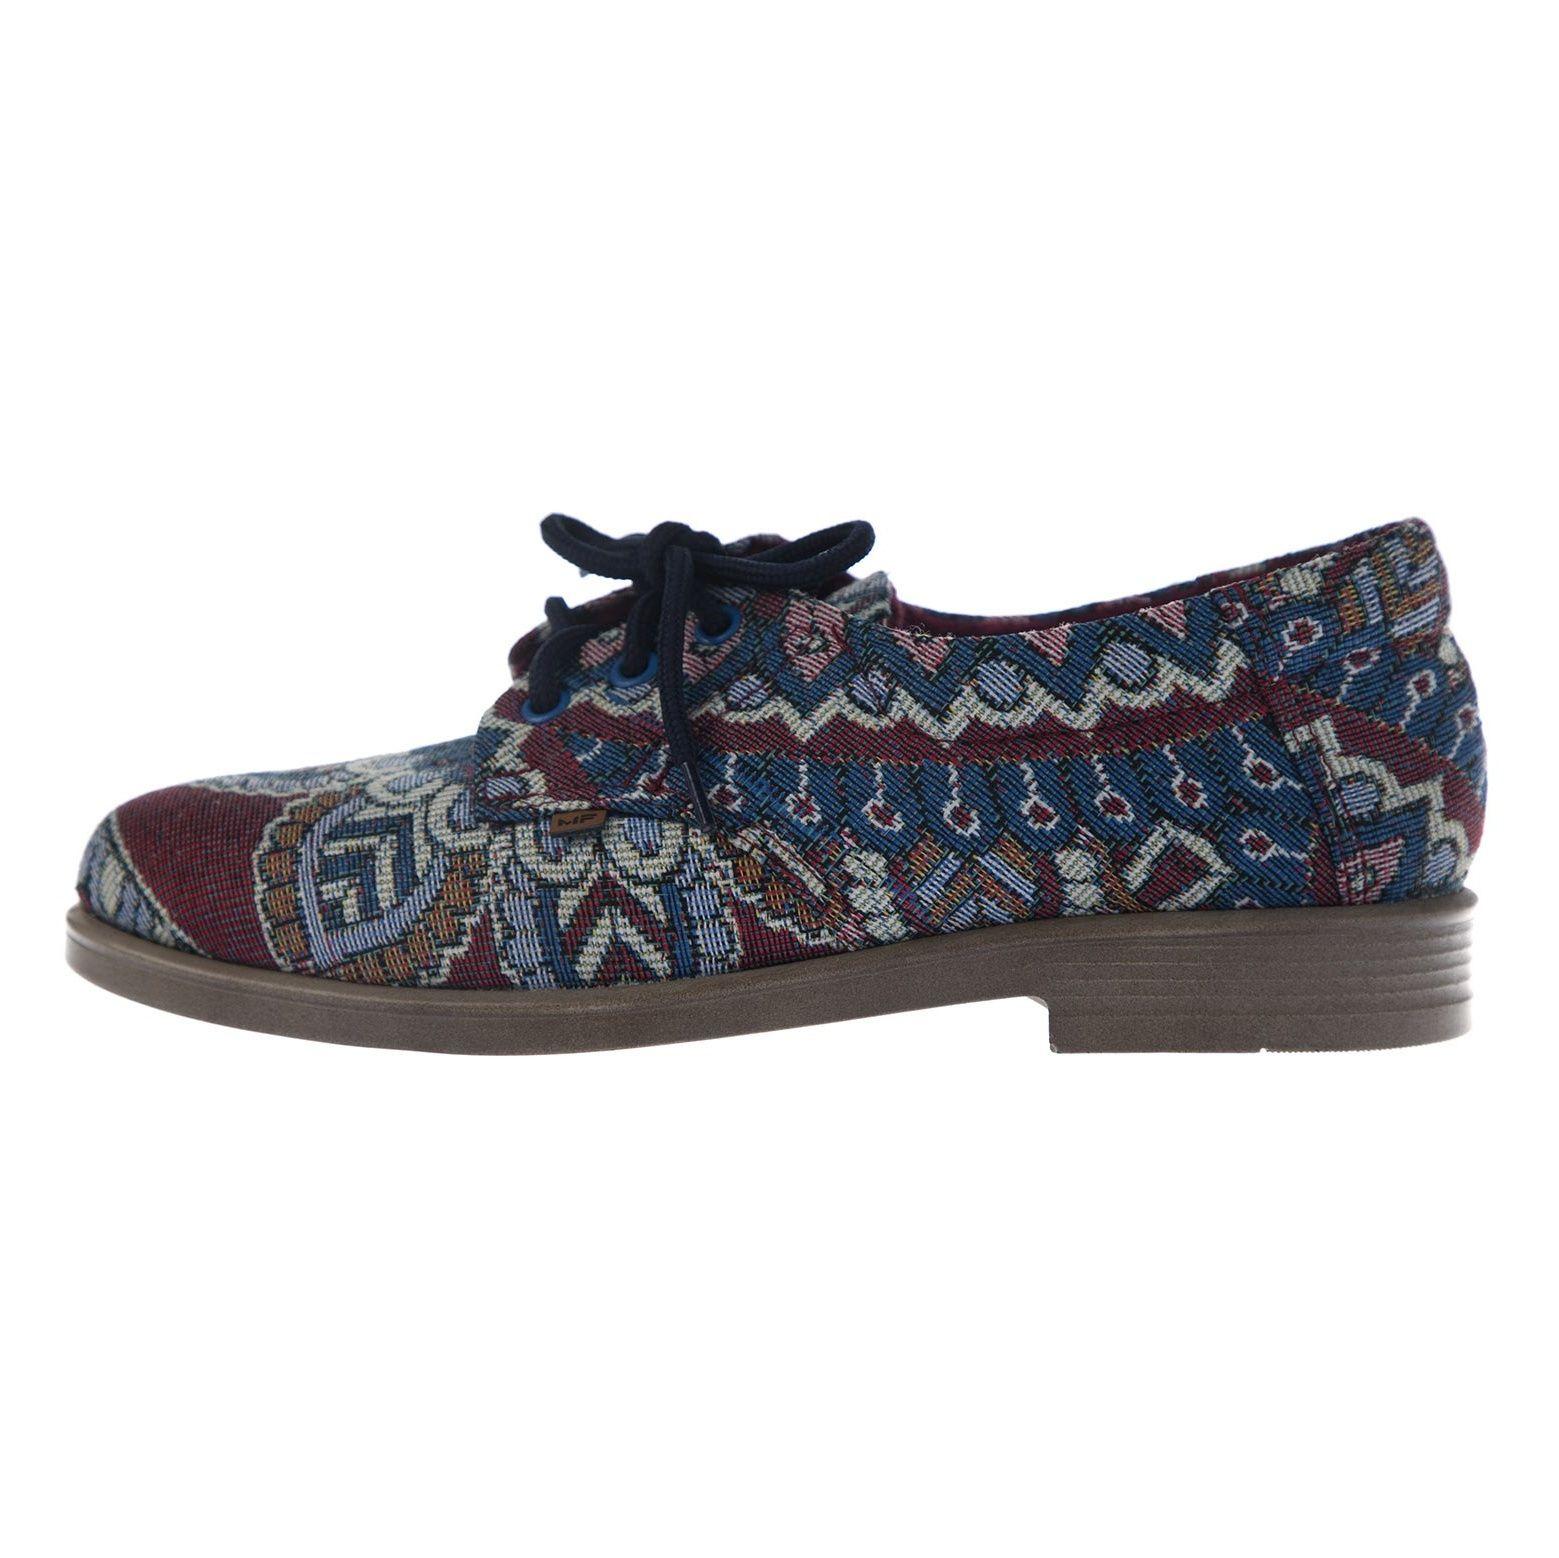 کفش تخت زنانه مدل طاووس - مینا فخارزاده - آبی / زرشکی - 3